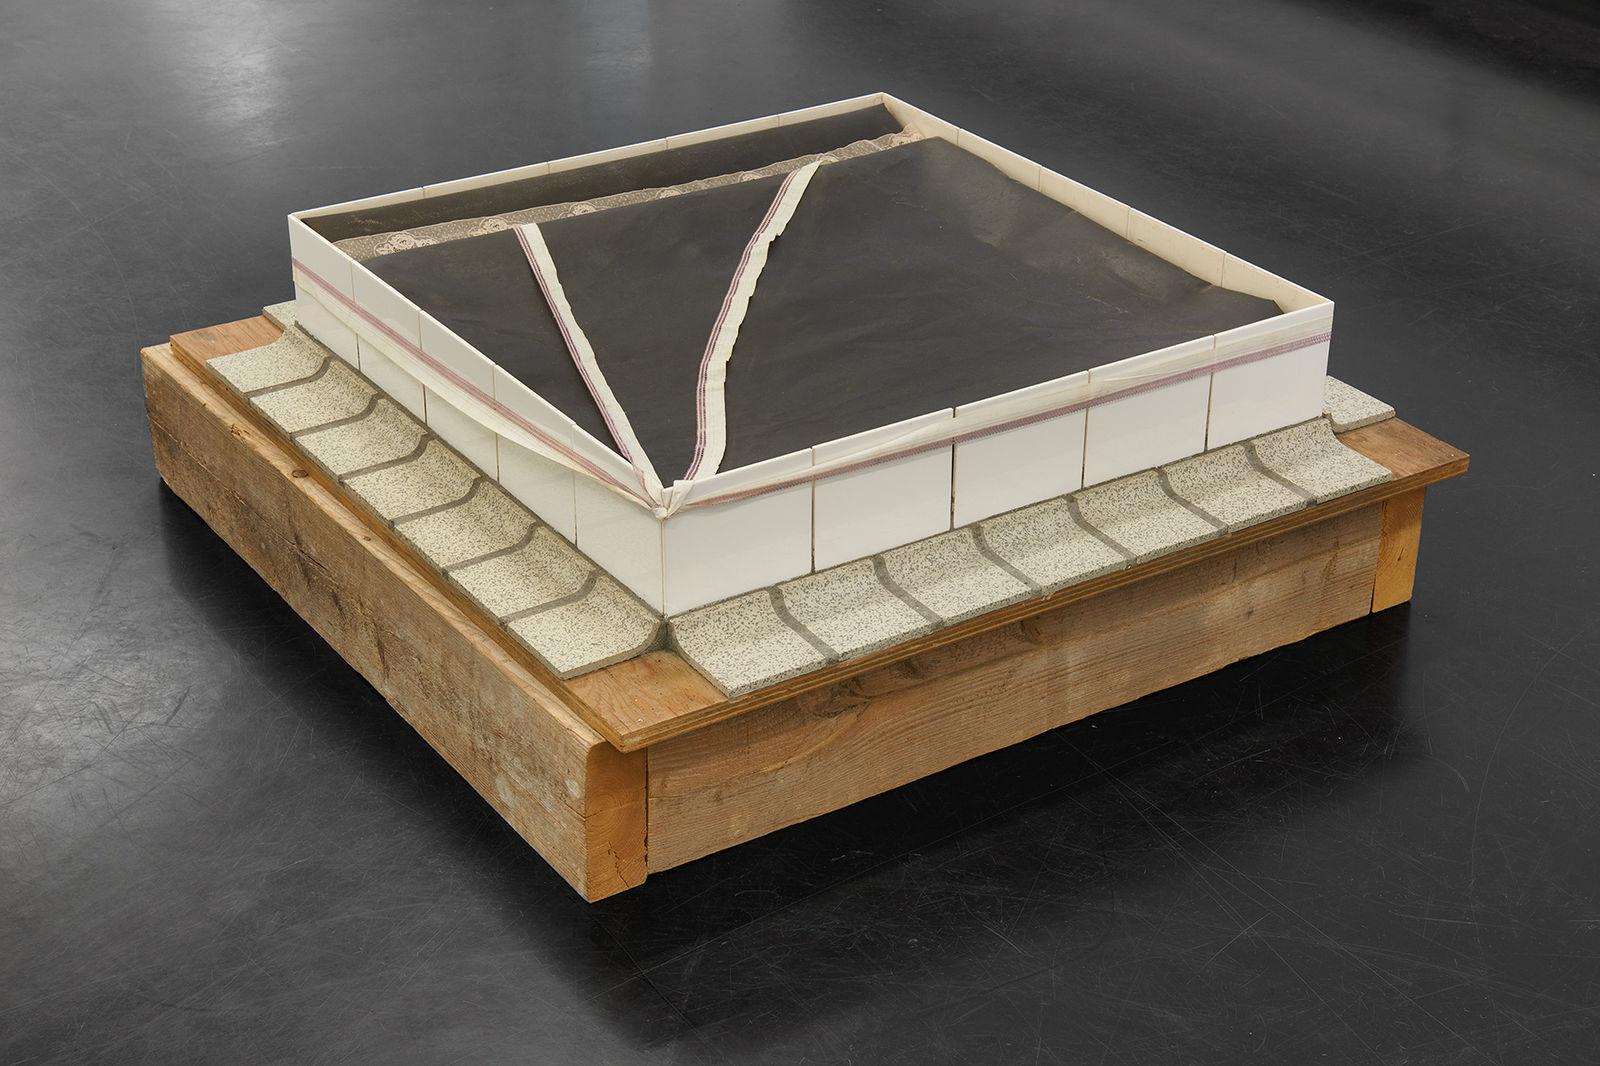 Ger van Elk_Piece Made in One Hour_1968_Markus Luettgen Gallery_View_2